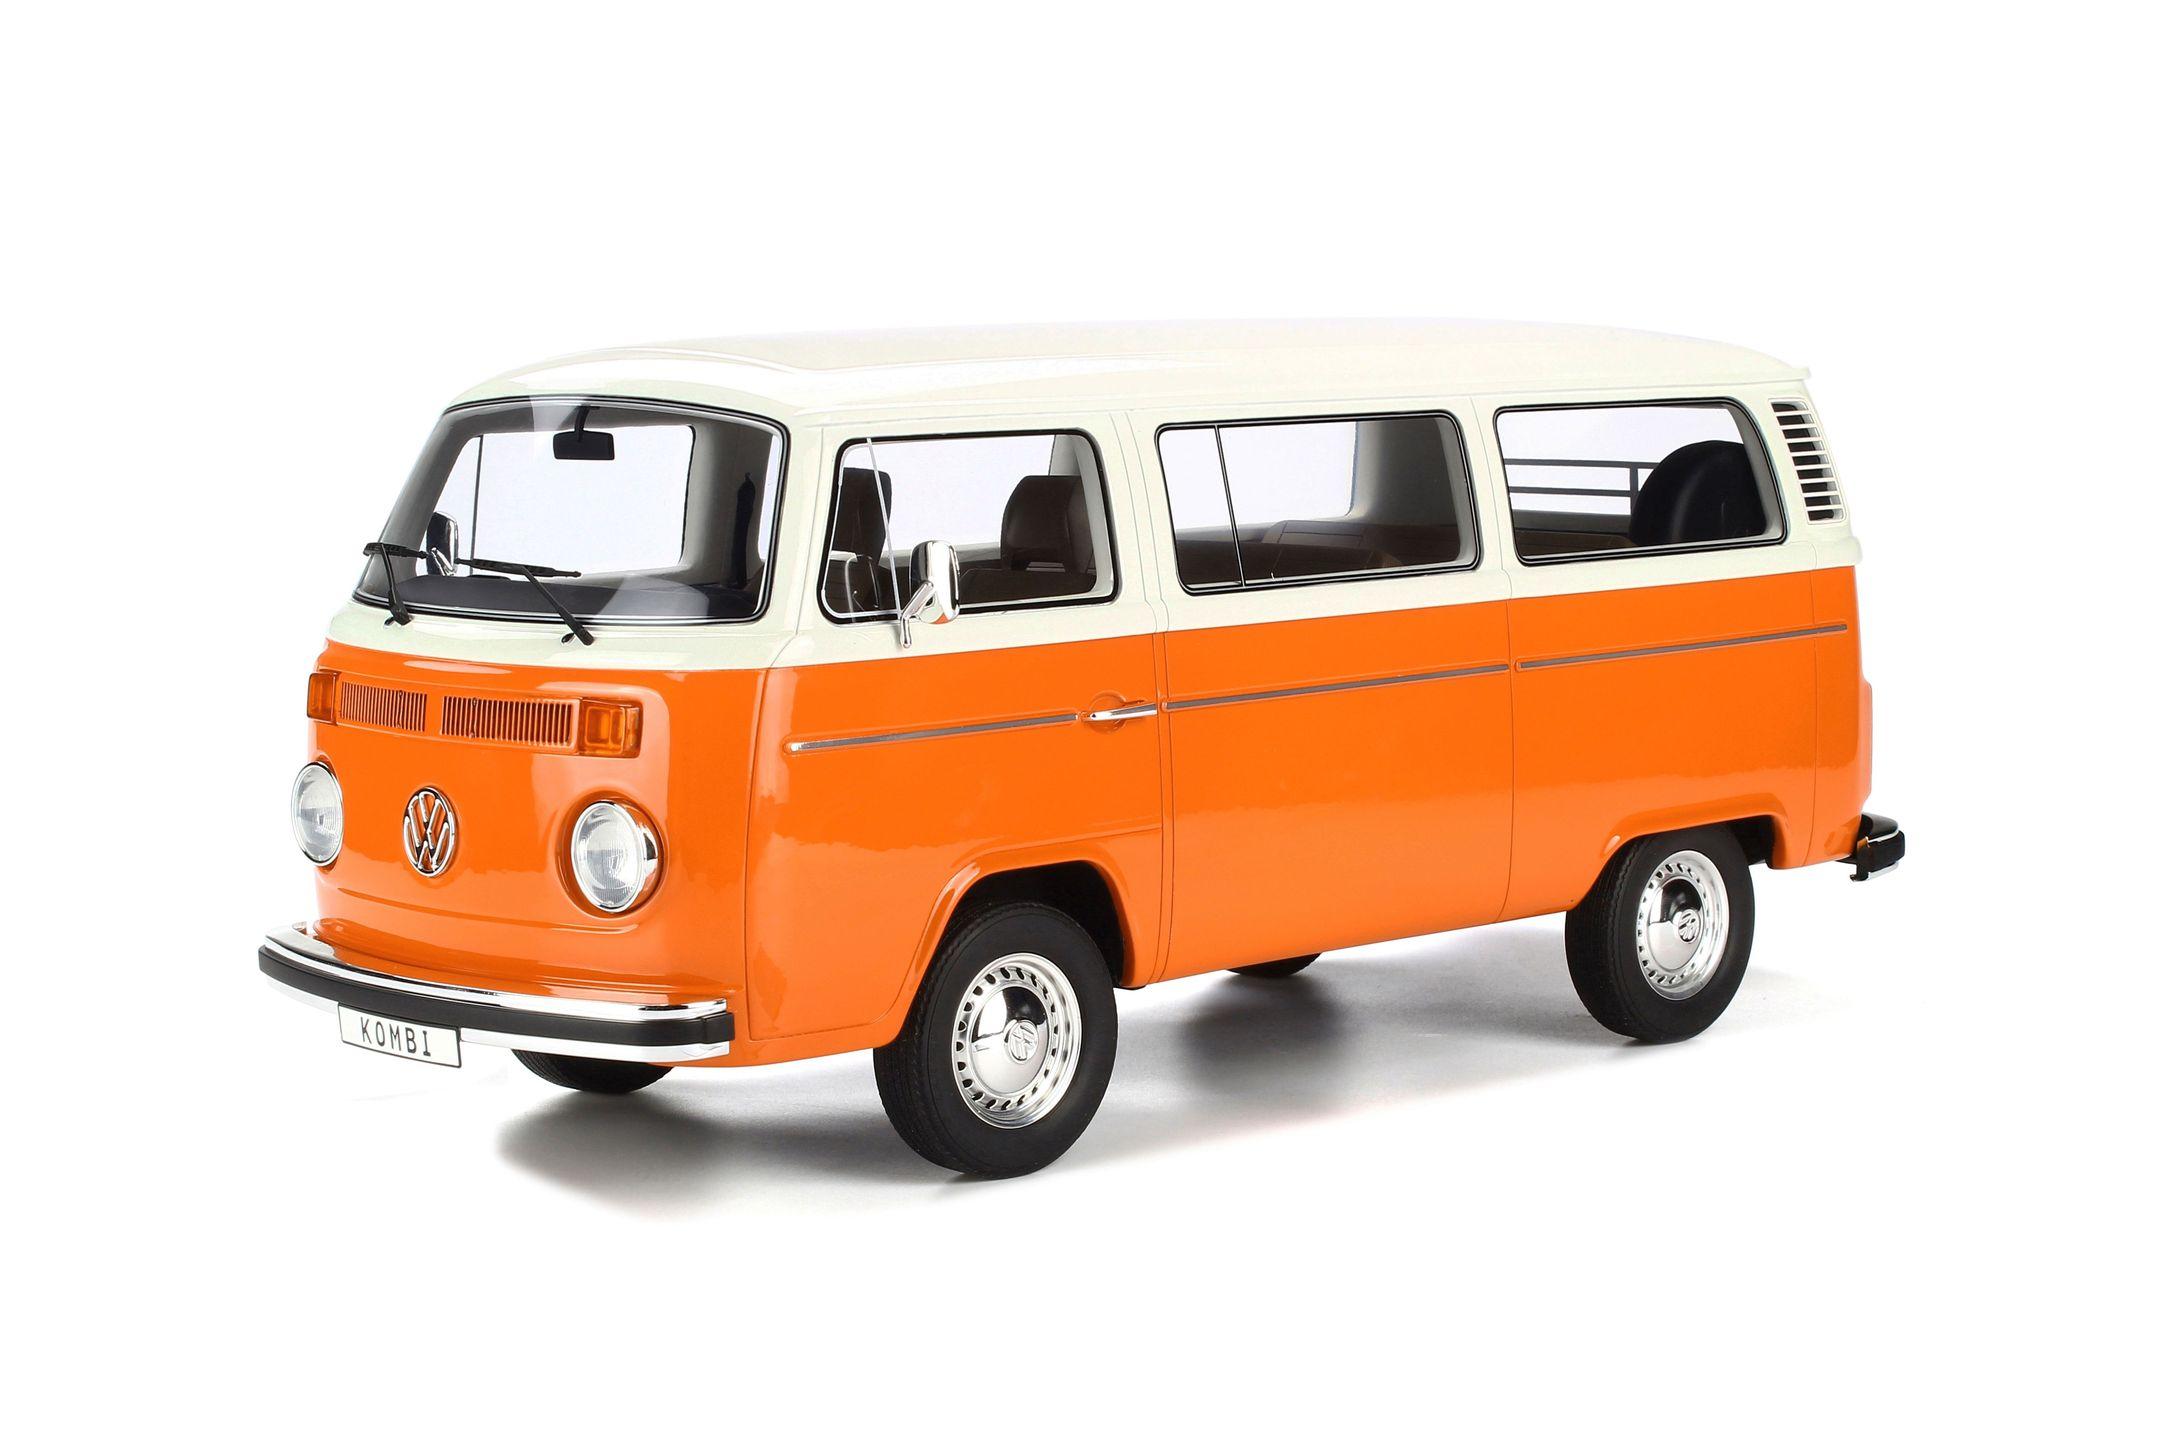 オットー OTTO 1/12 フォルクスワーゲン コンビ T2 バス 1978 オレンジ ホワイト Volkswagen VW Kombi T2 Bus year 1978 orange / white